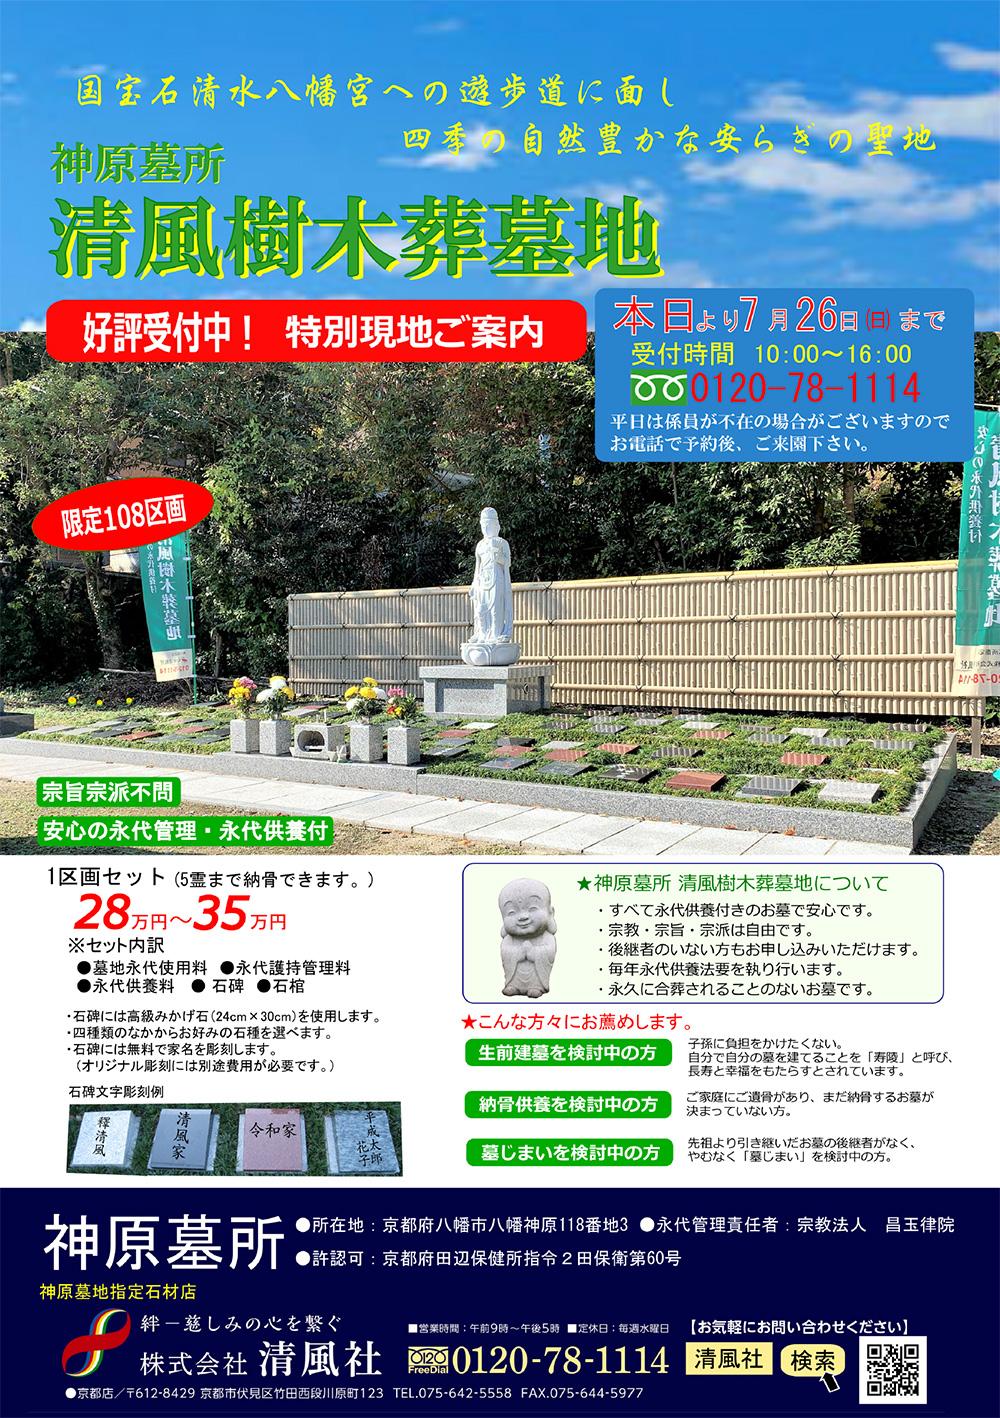 神原墓所-清風樹木葬-夏の現地案内01